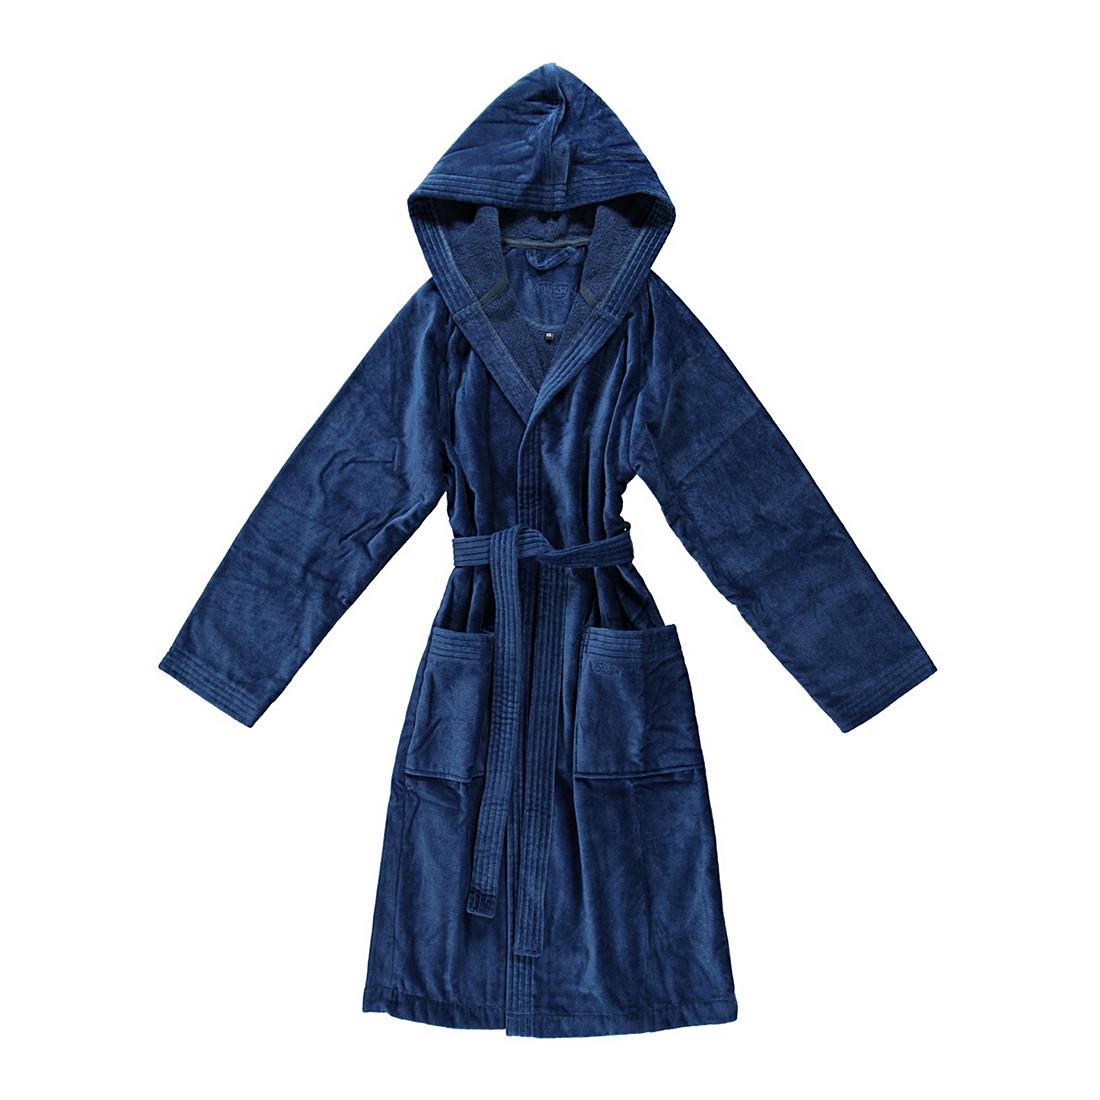 Bademantel Texas – Damen – Velours – 100% Baumwolle winternight – 476 – Größe: XS, Vossen günstig kaufen